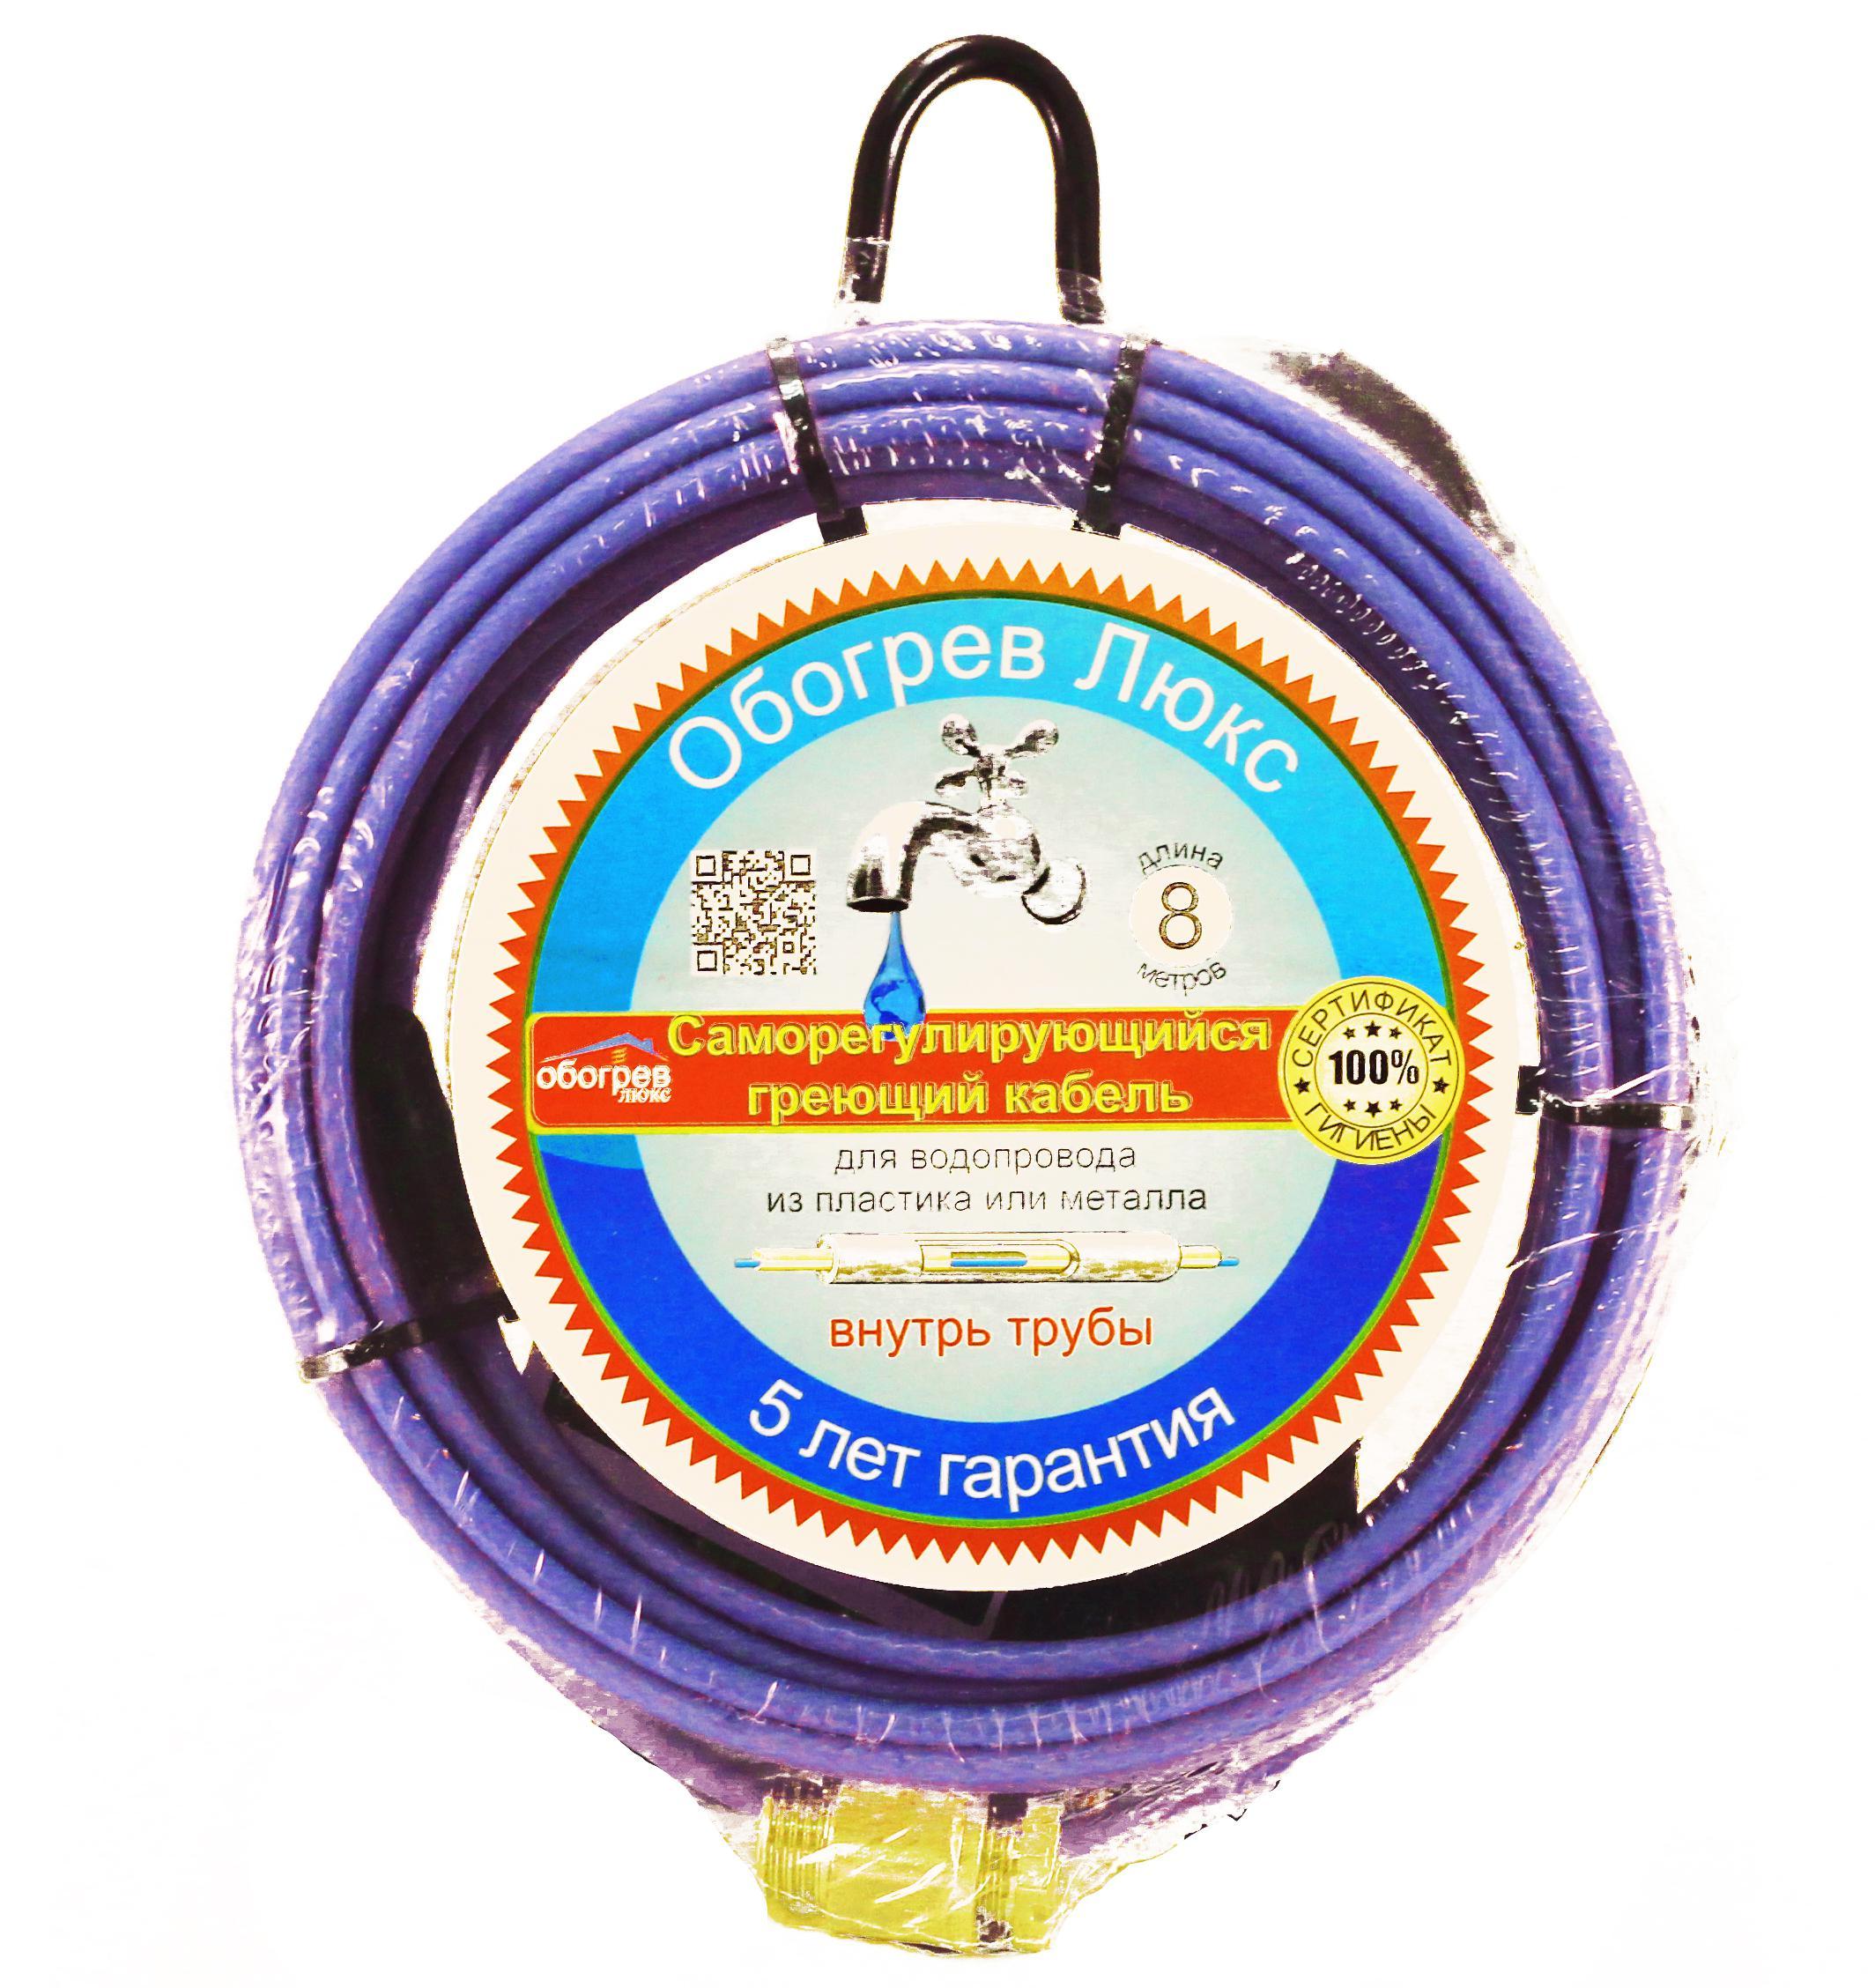 Фото - Греющий кабель ОБОГРЕВ ЛЮКС 2 м в трубу греющий кабель обогрев люкс 9 м